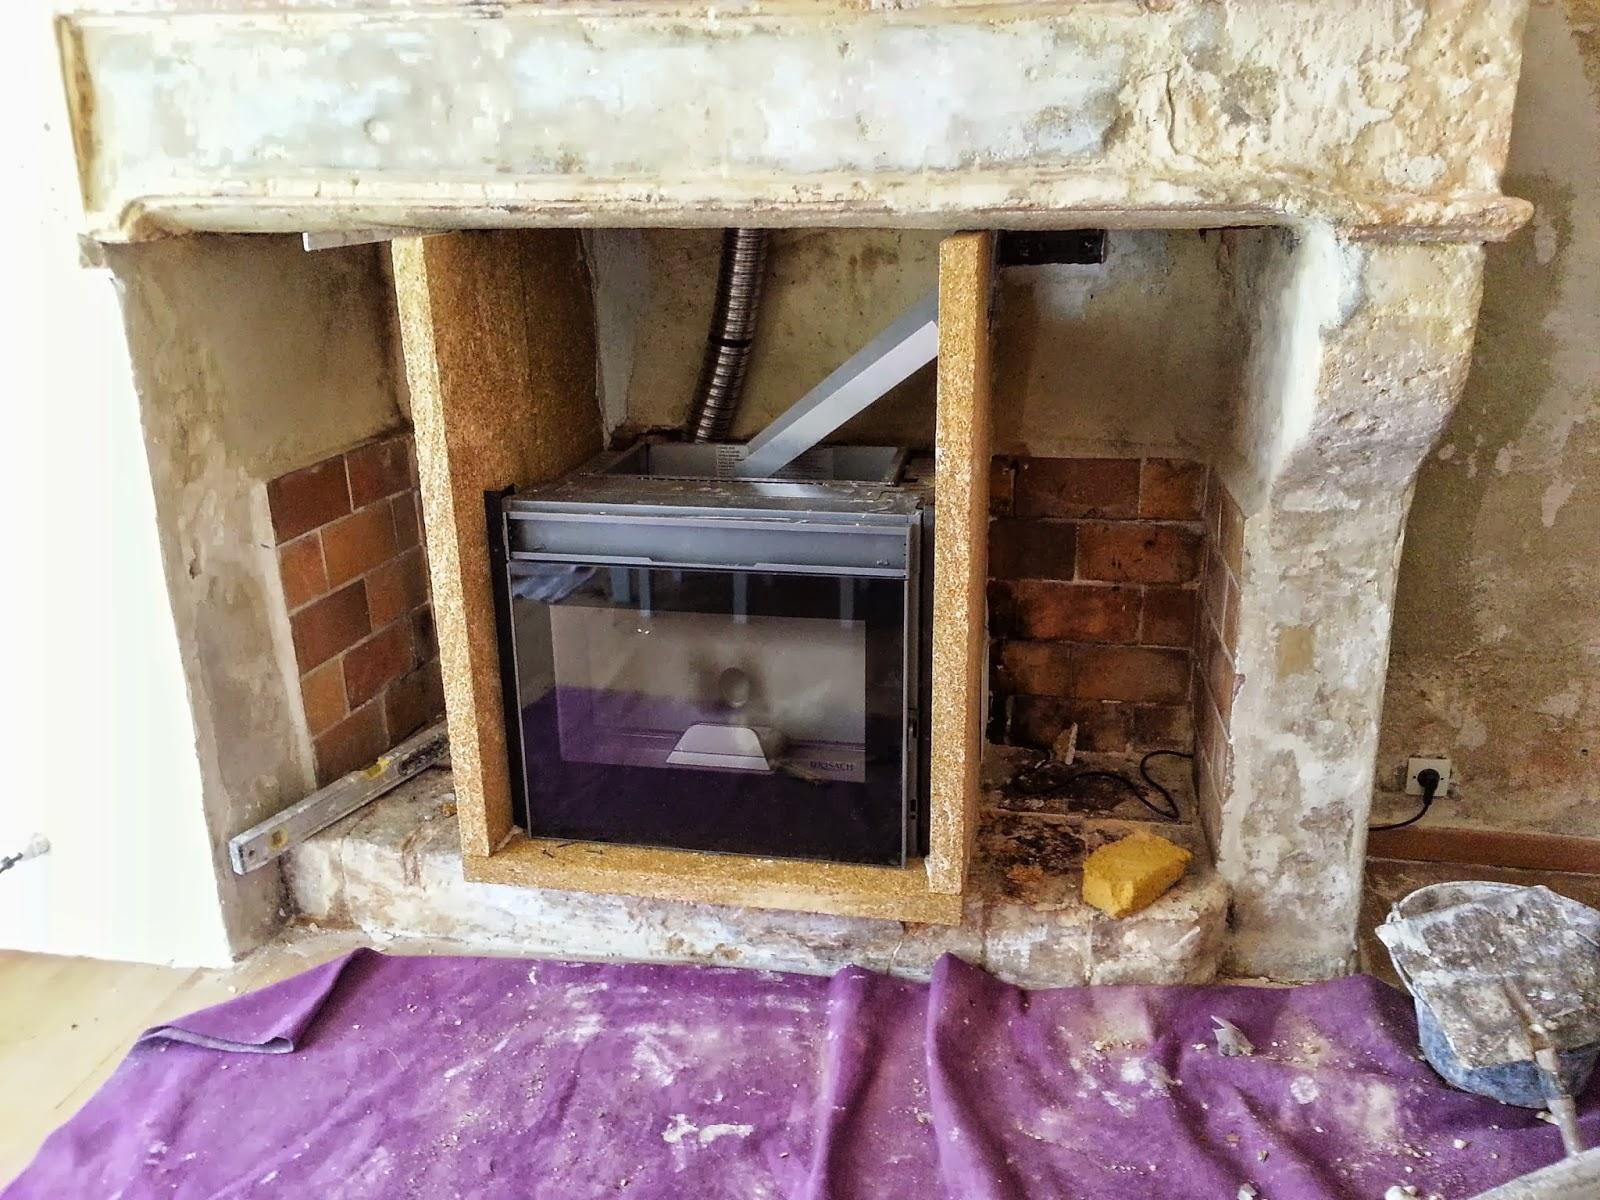 1 pose d 39 un insert pellet pour chauffer toute la maison for Pose insert cheminee normes